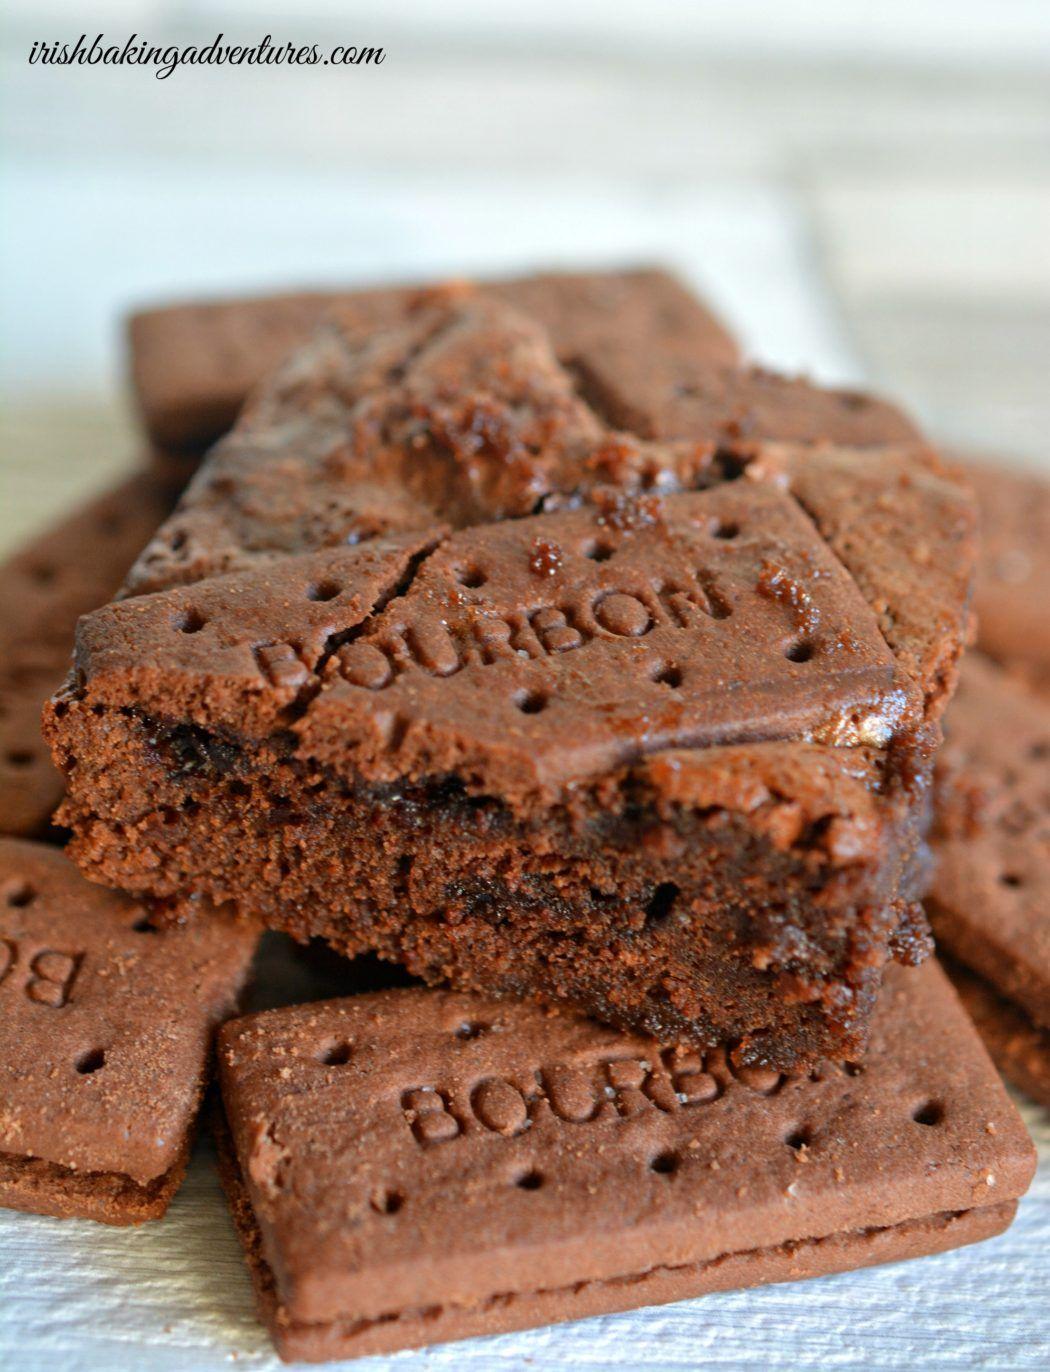 Bourbonbiscuit brownies Recipe Bourbon biscuits